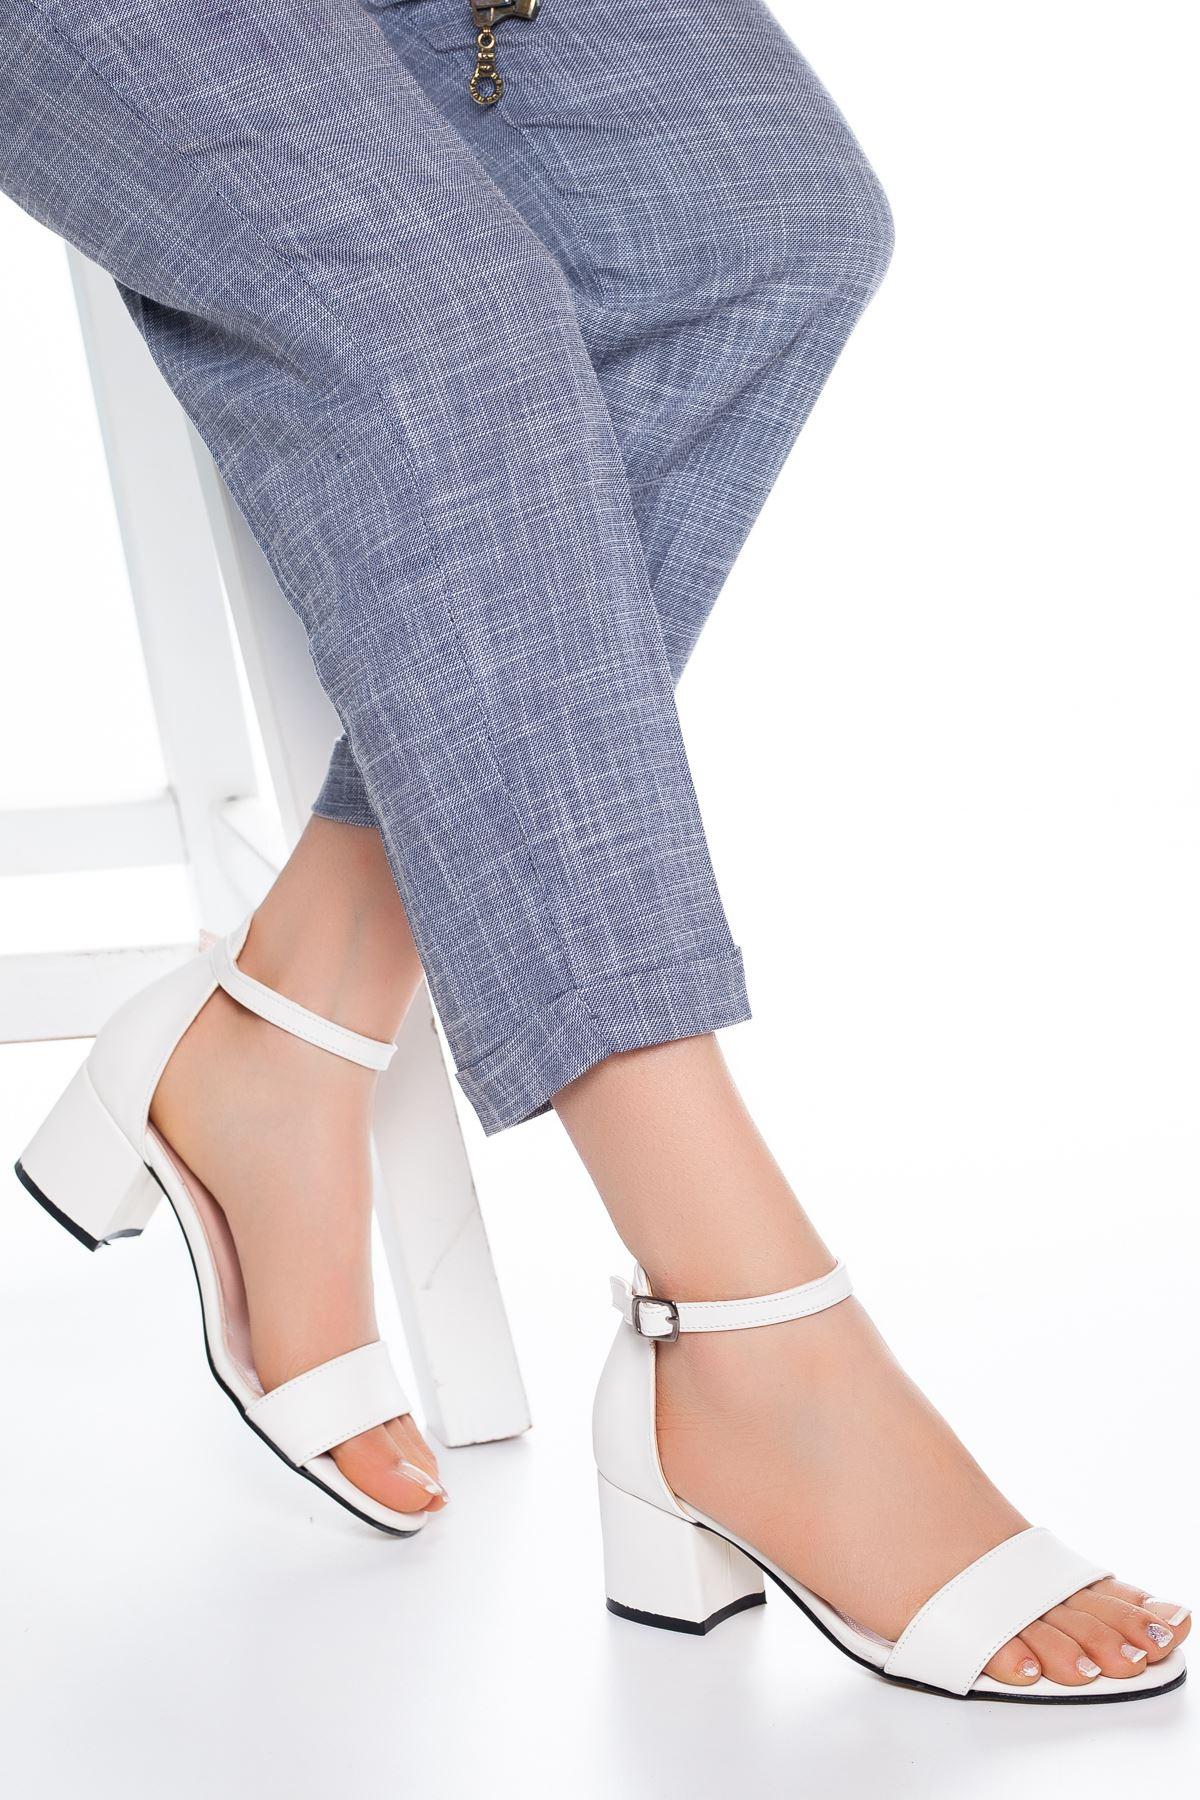 Fioana Topuklu Ayakkabı Beyaz